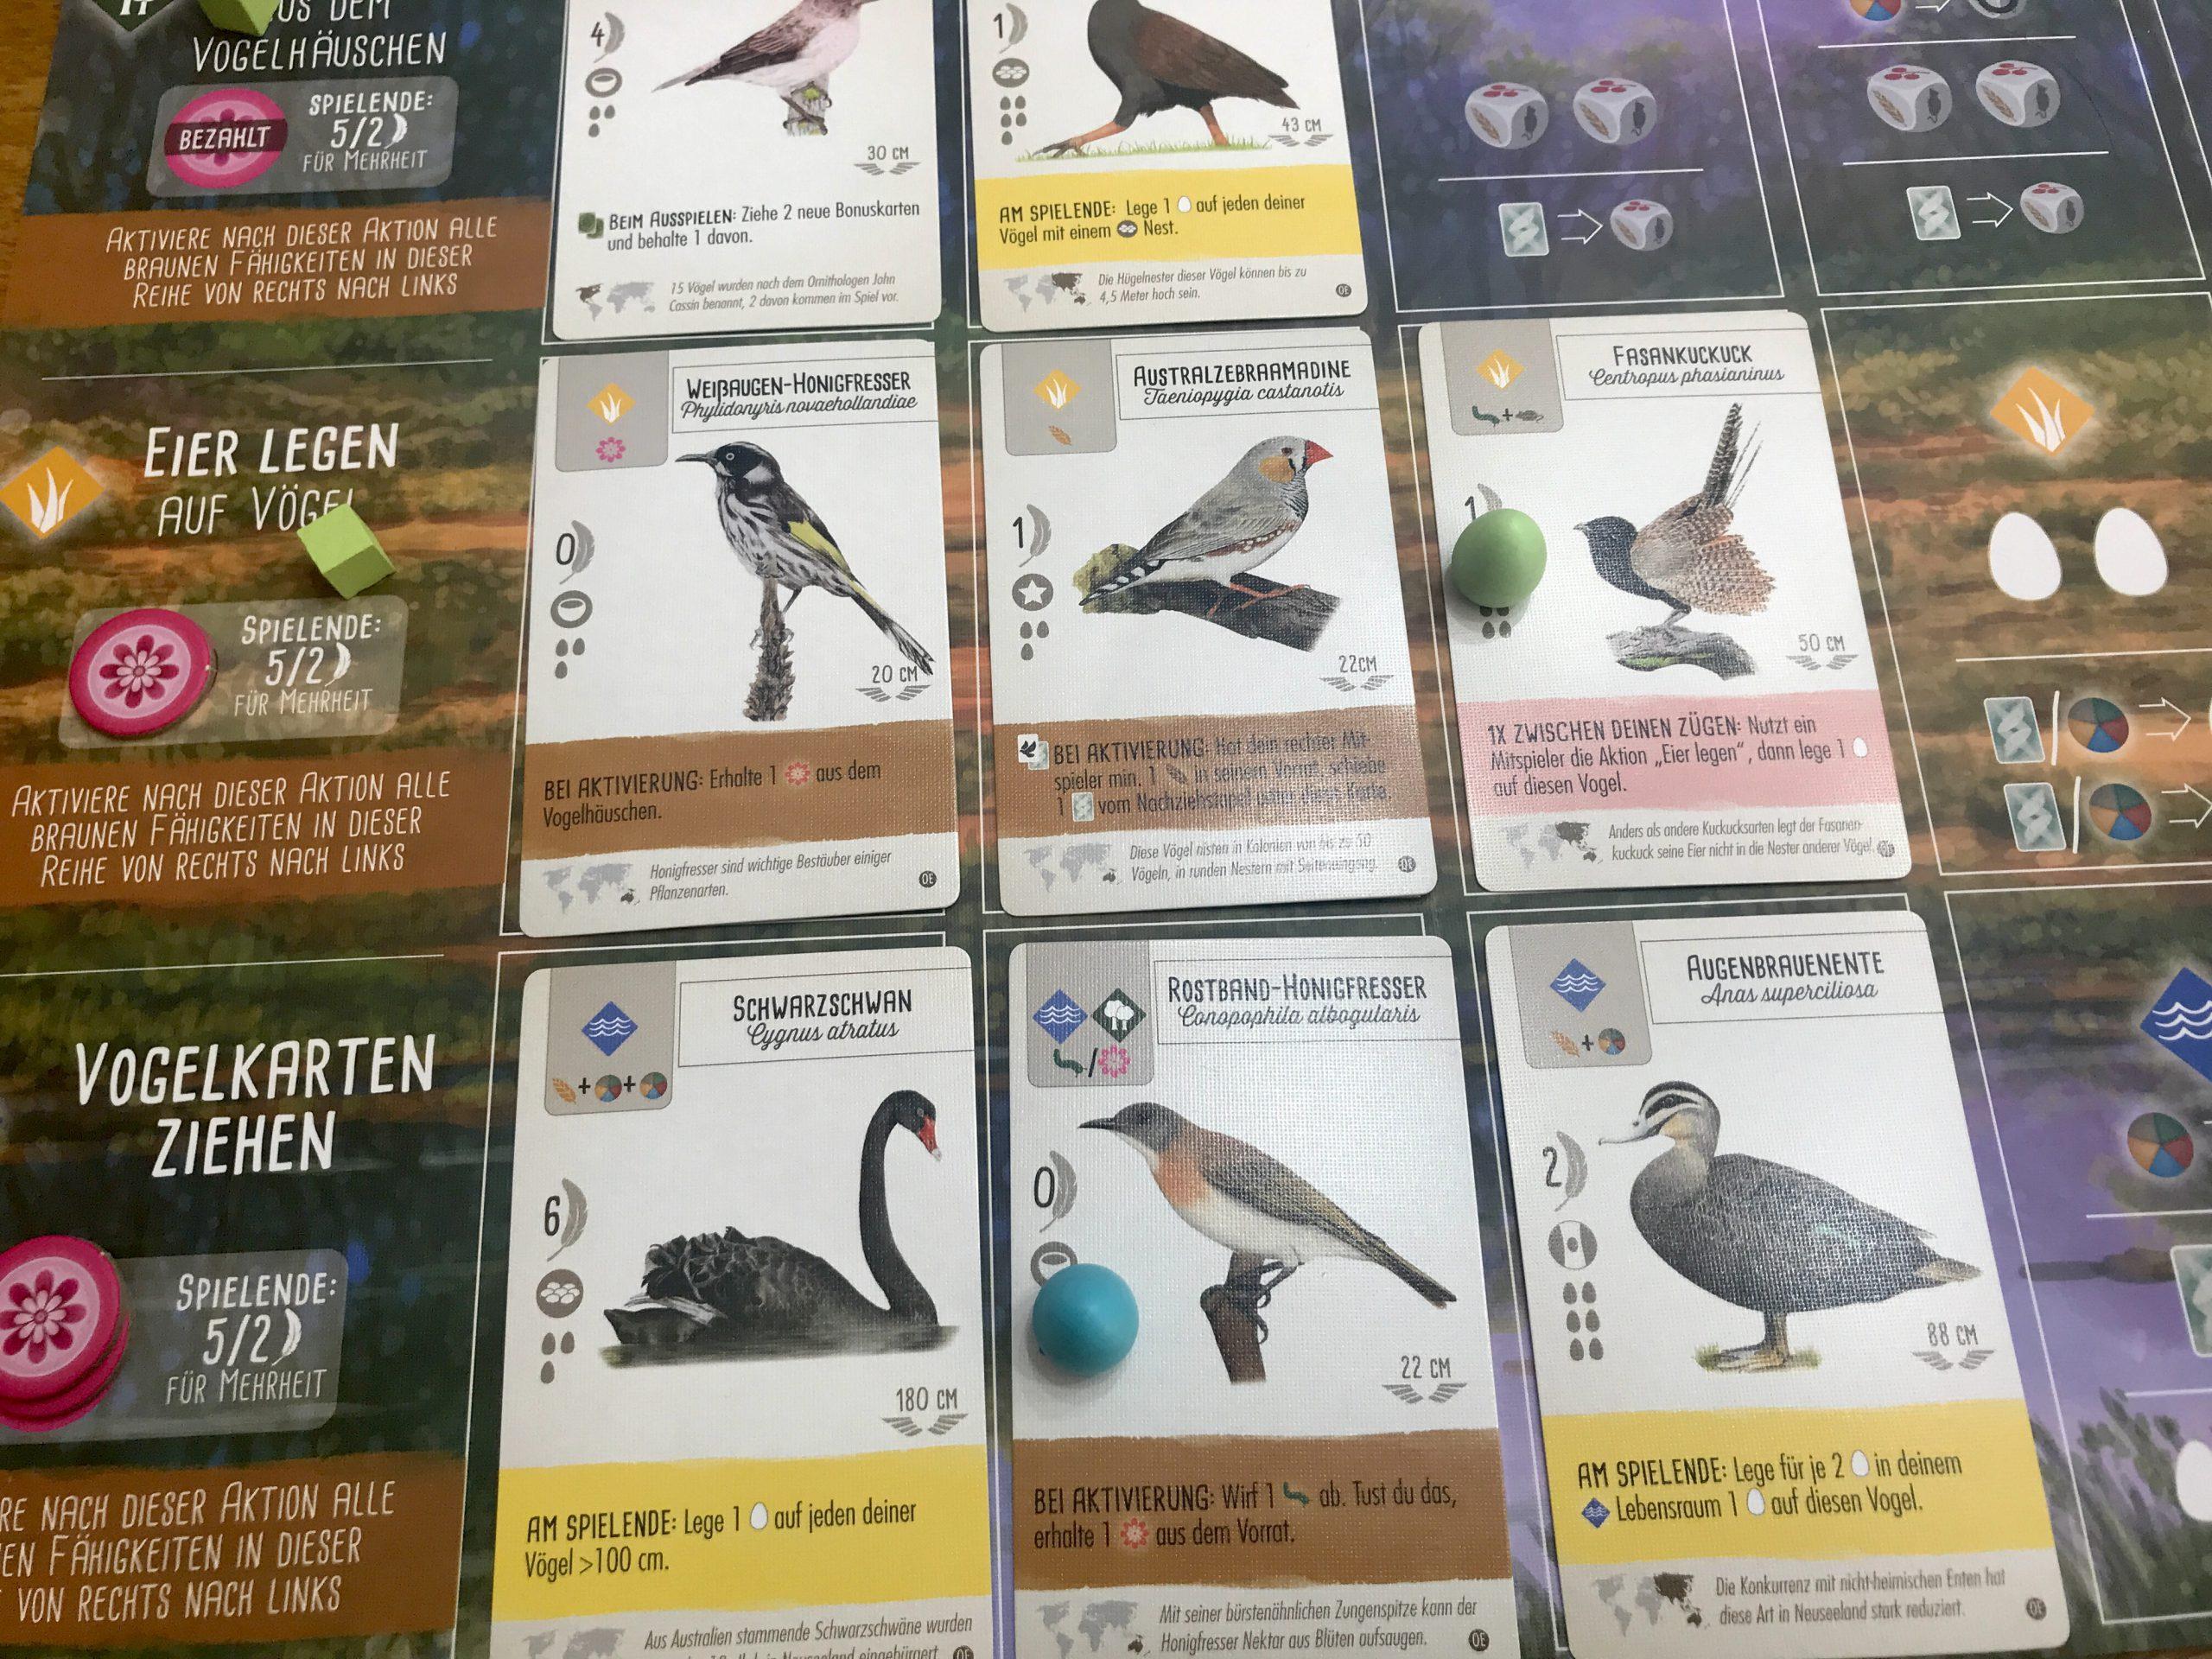 8 neue Karten liegen aus.